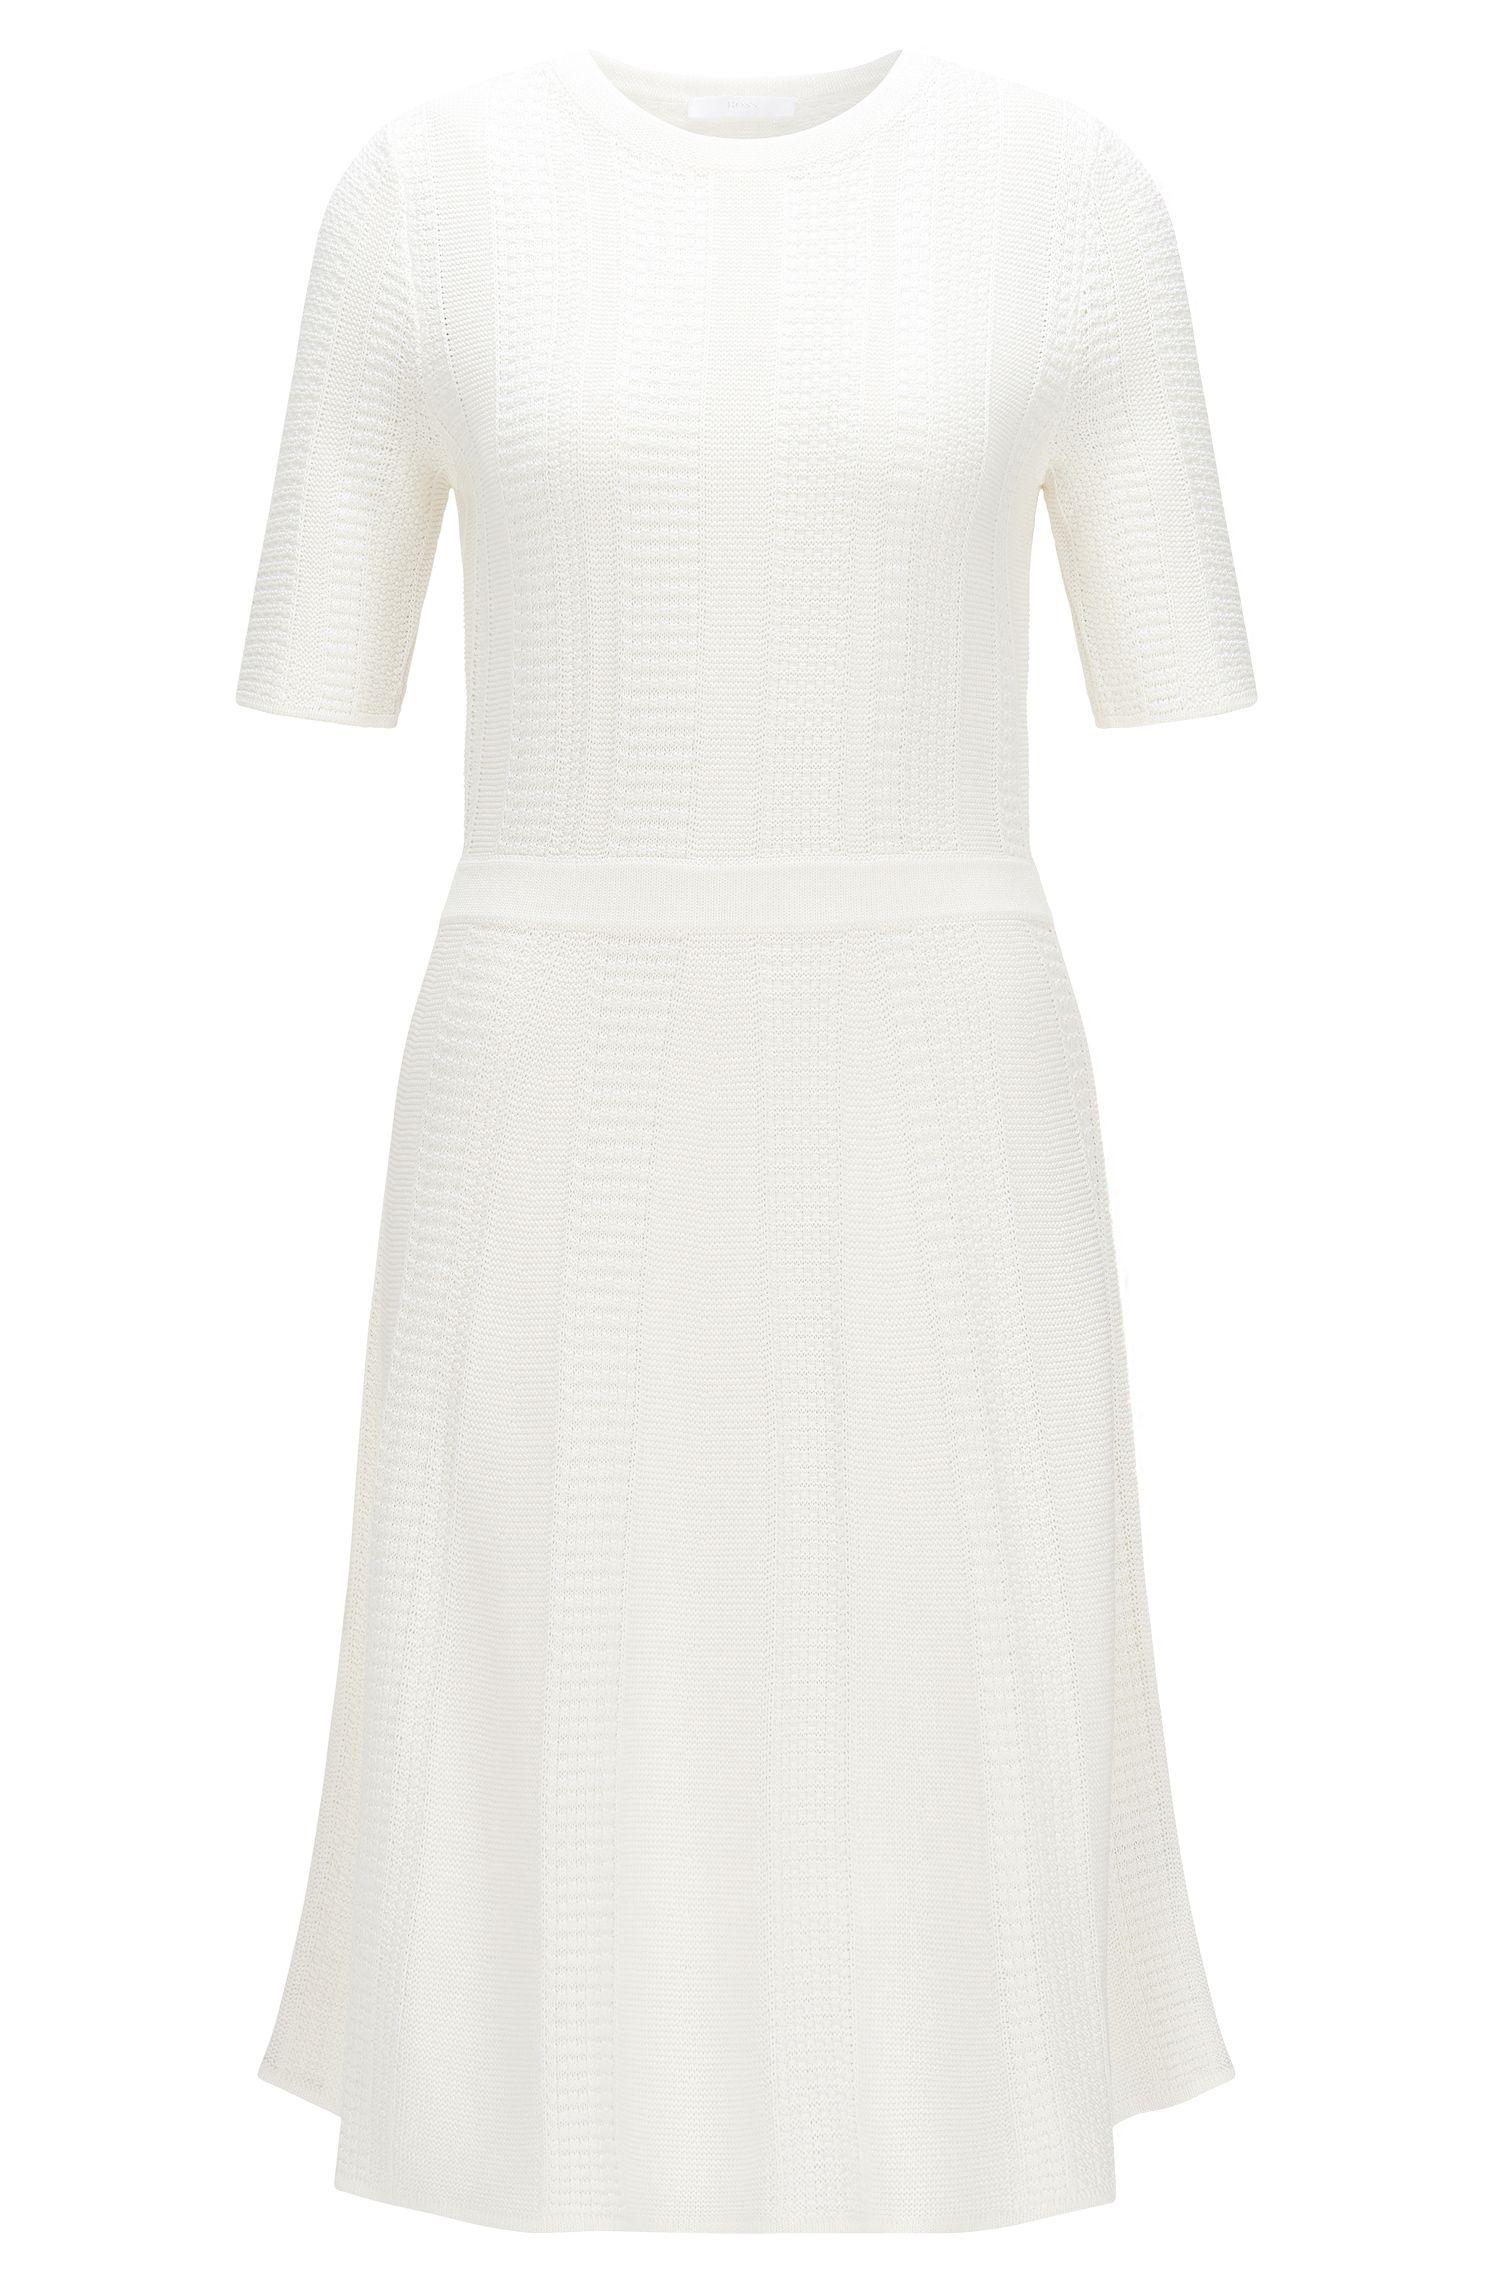 Getailleerde, gebreide jurk van een viscosemix met katoen: 'Frizana'